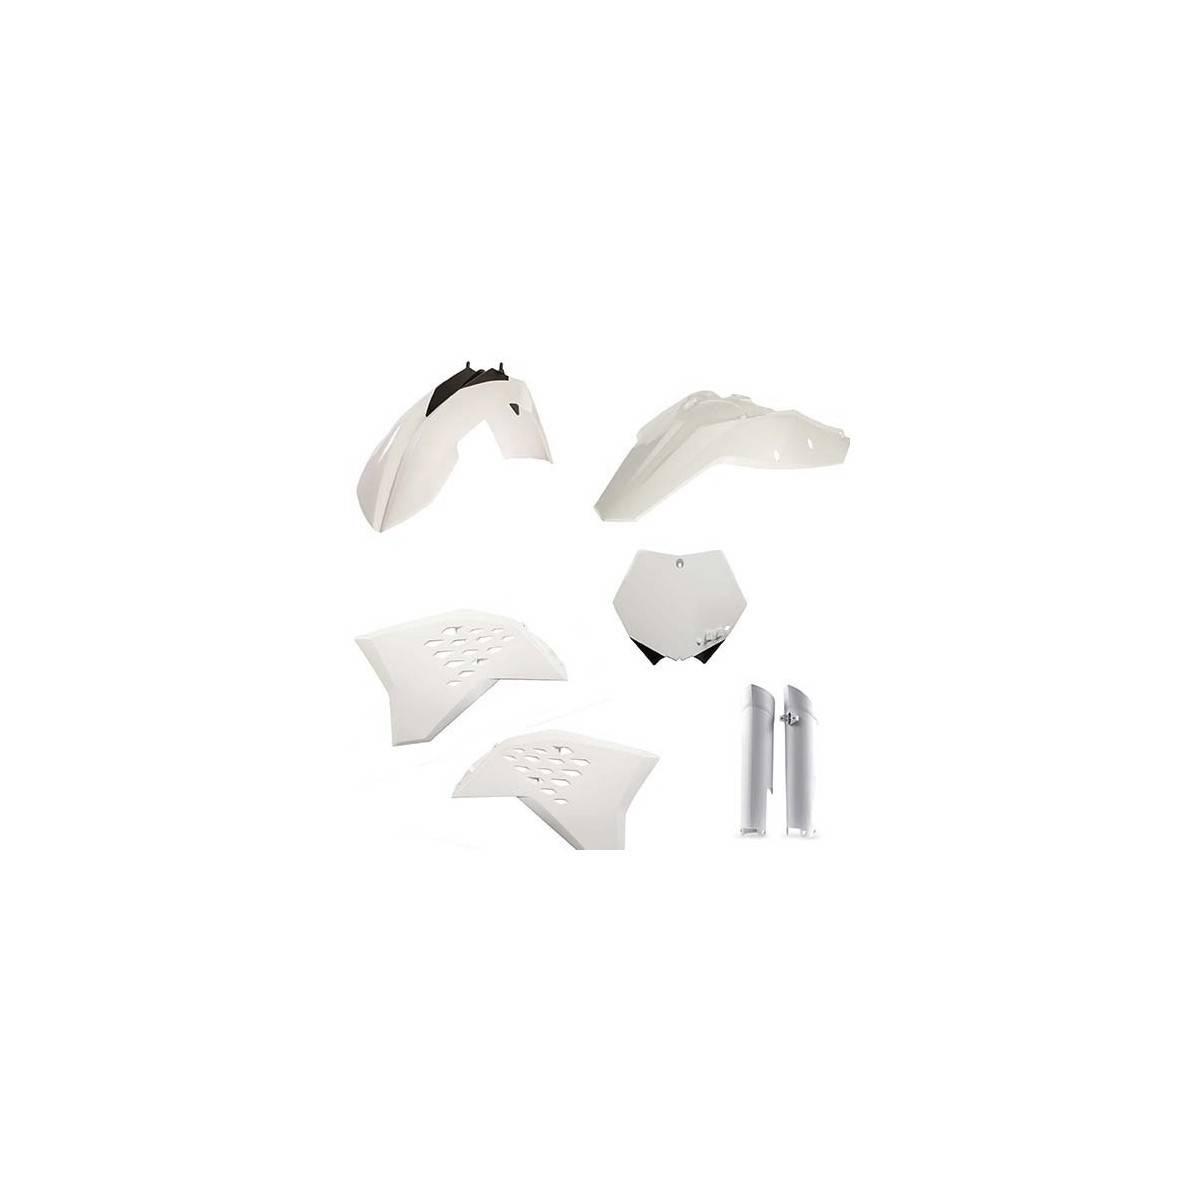 0022988-030 - Full Kit Plasticas Kxf 450 18 Eu Blanco